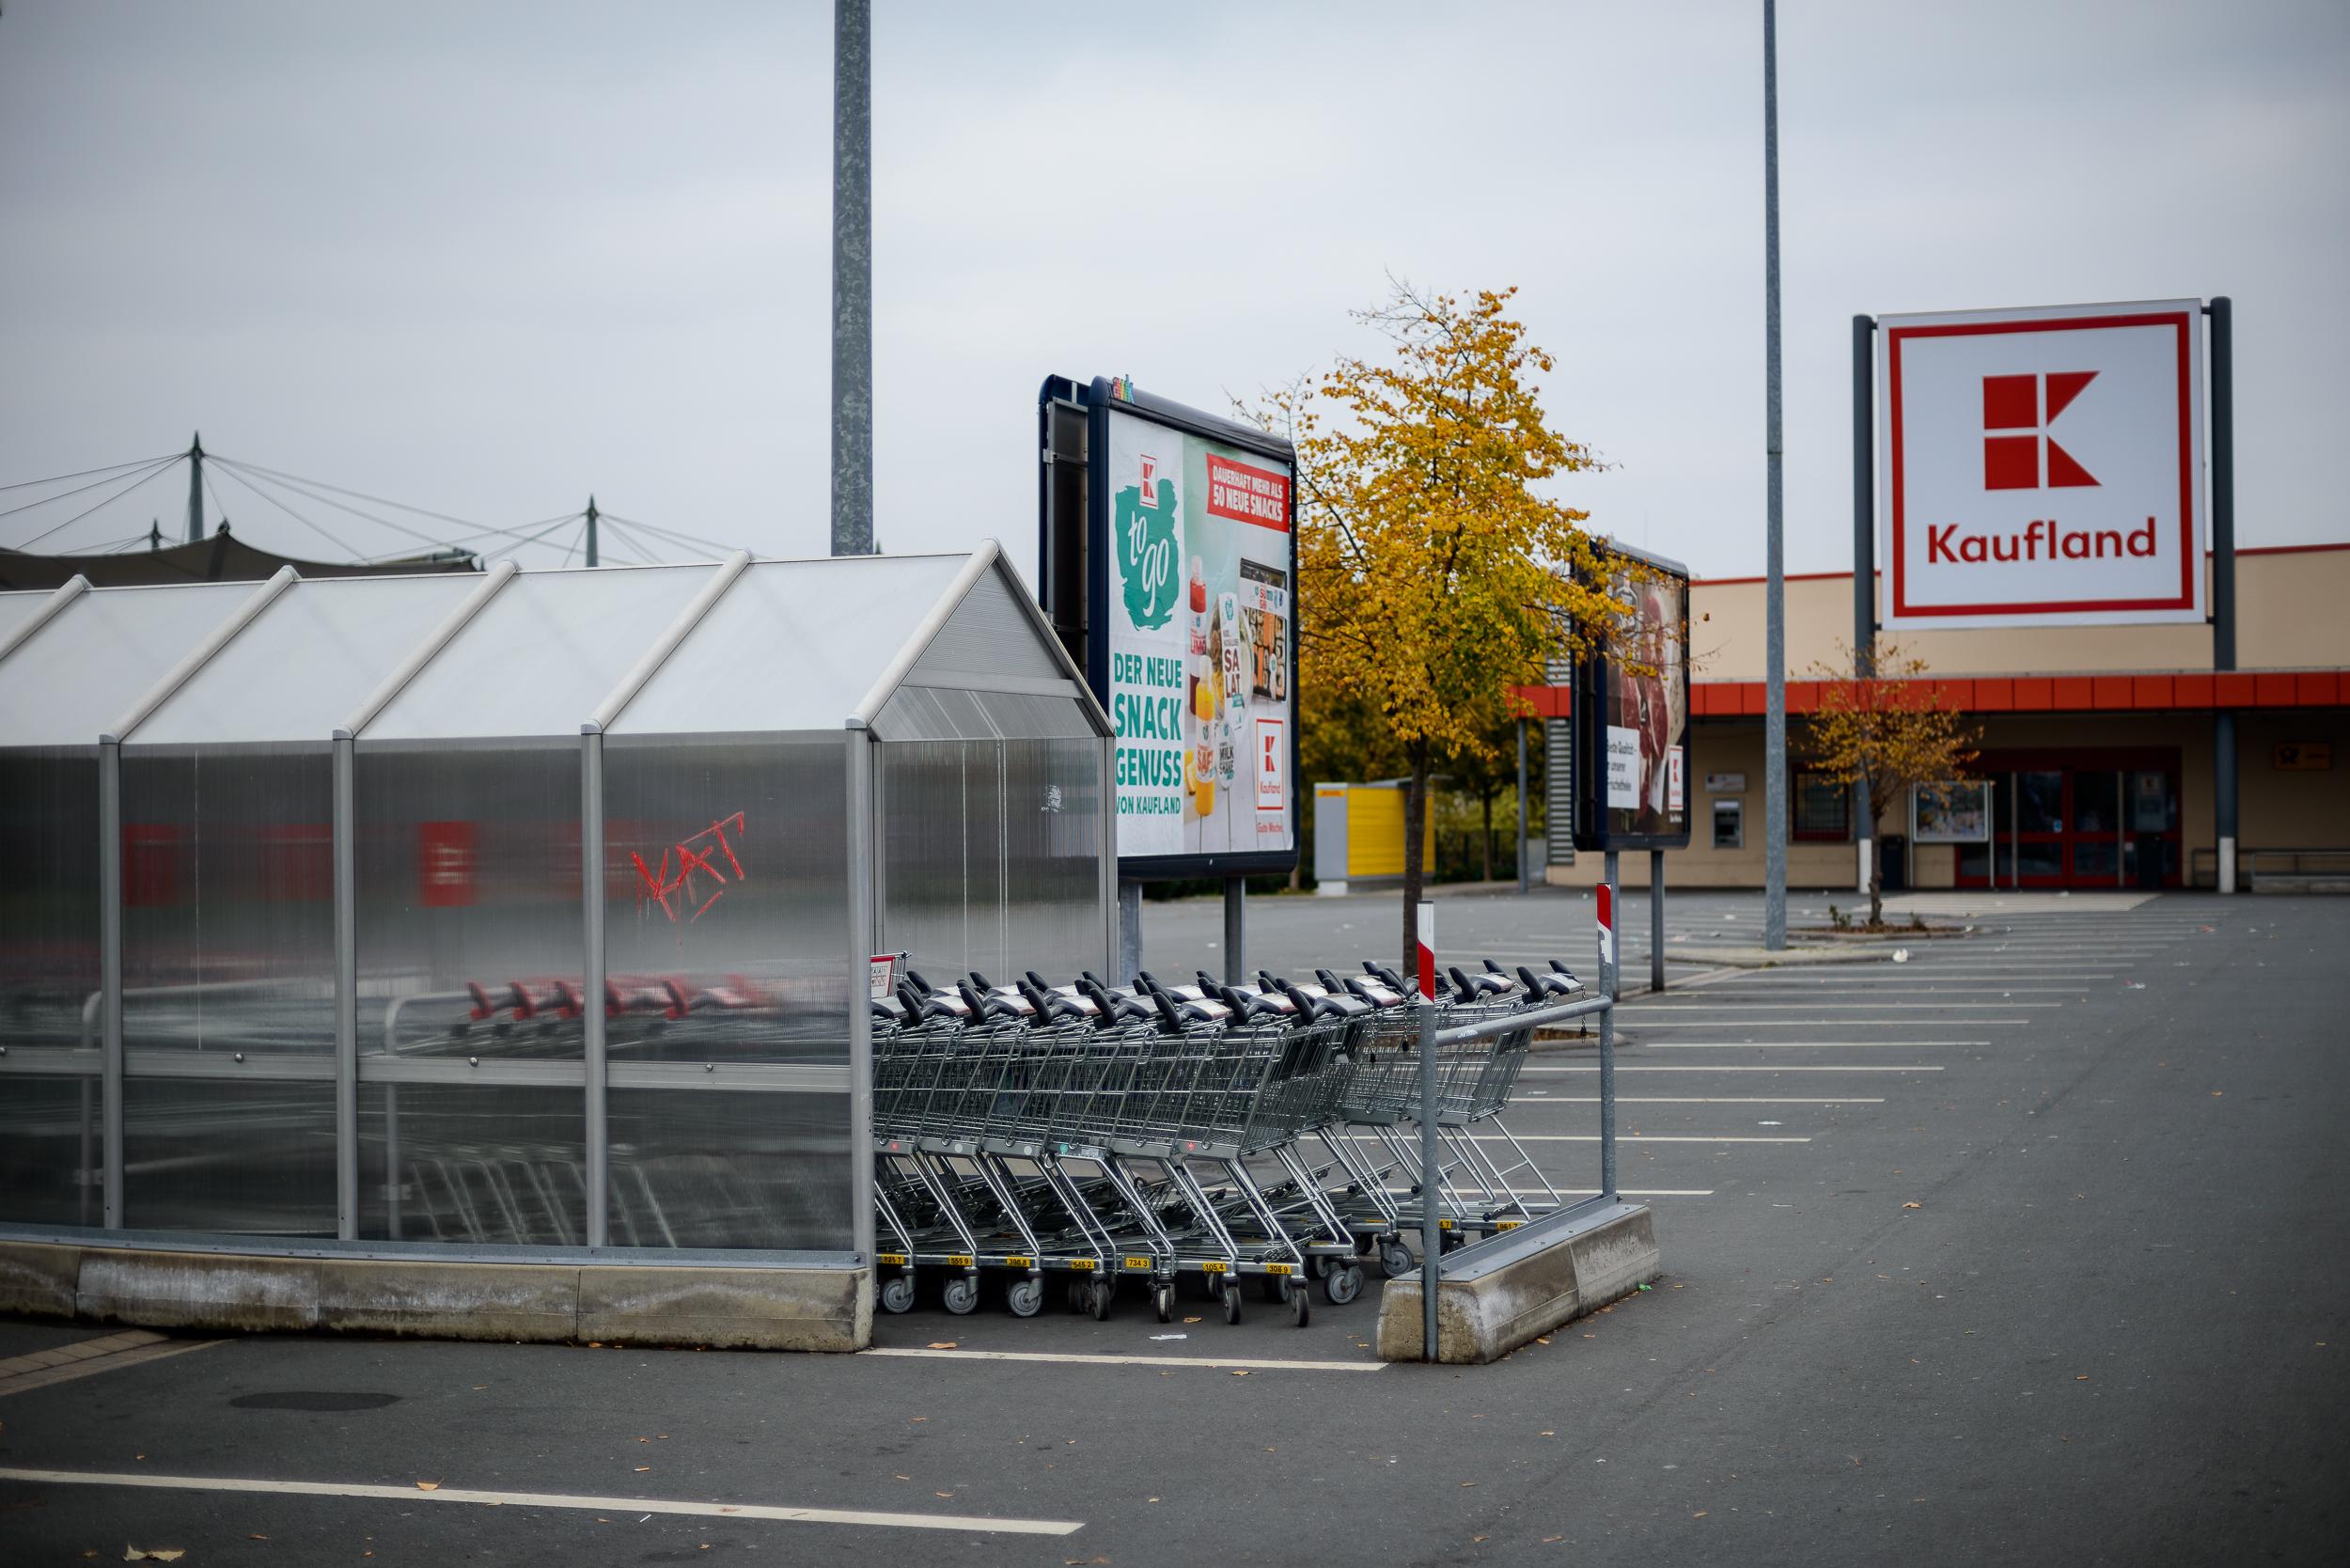 Supermarkt-Parkplatz_Kaufland_20181104_0053_2500px.jpg